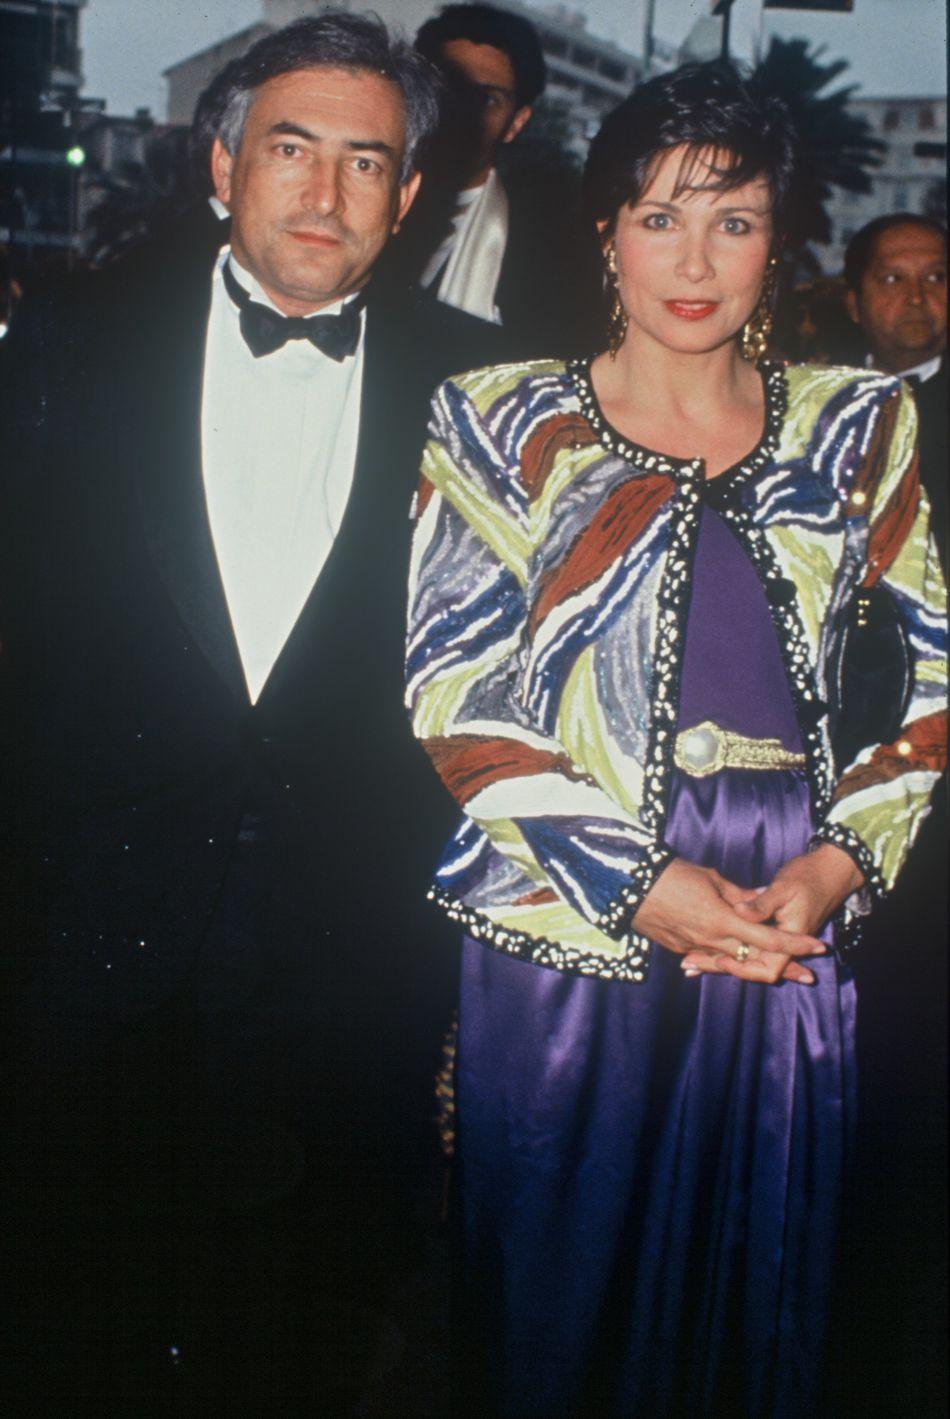 Anne Sinclair et Dominique Strauss-Kahn se sont rencontrés en 1988. Entre le ministre et la journaliste, la relation semble indestructible... jusqu'au scandale du Sofitel, en 2011. Un an plus tard, le couple se sépare.